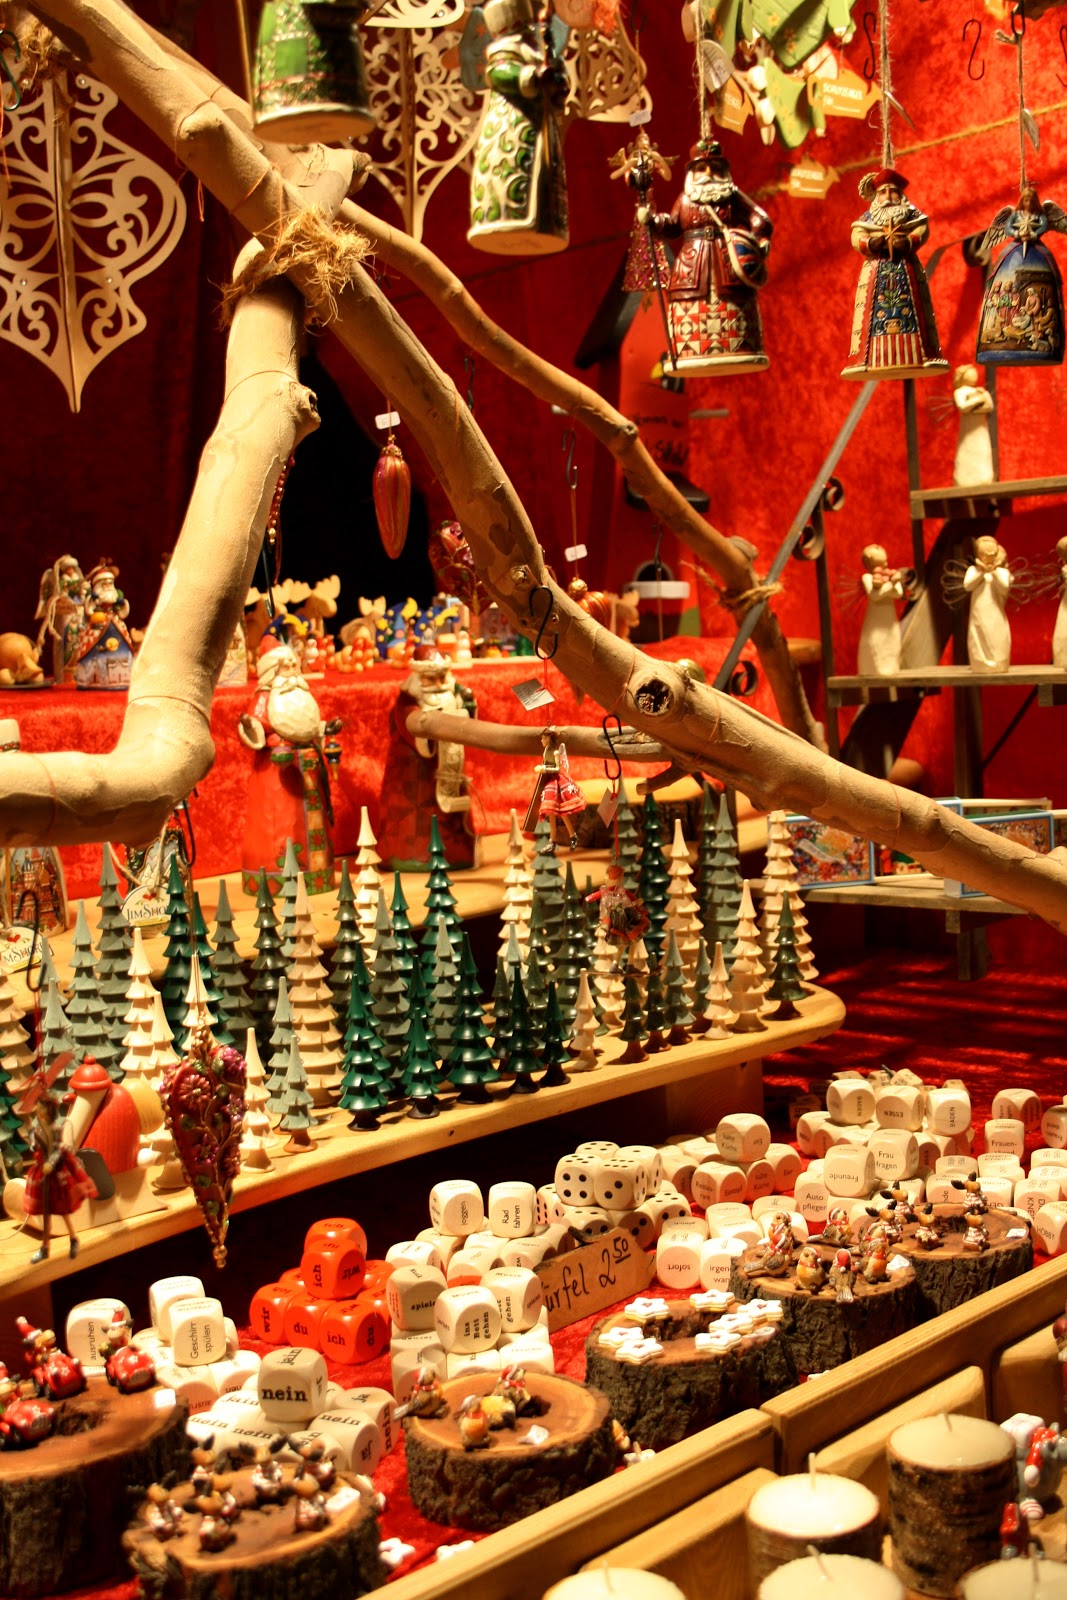 Décorations de noël au marché de noël de Gendarmenmarkt